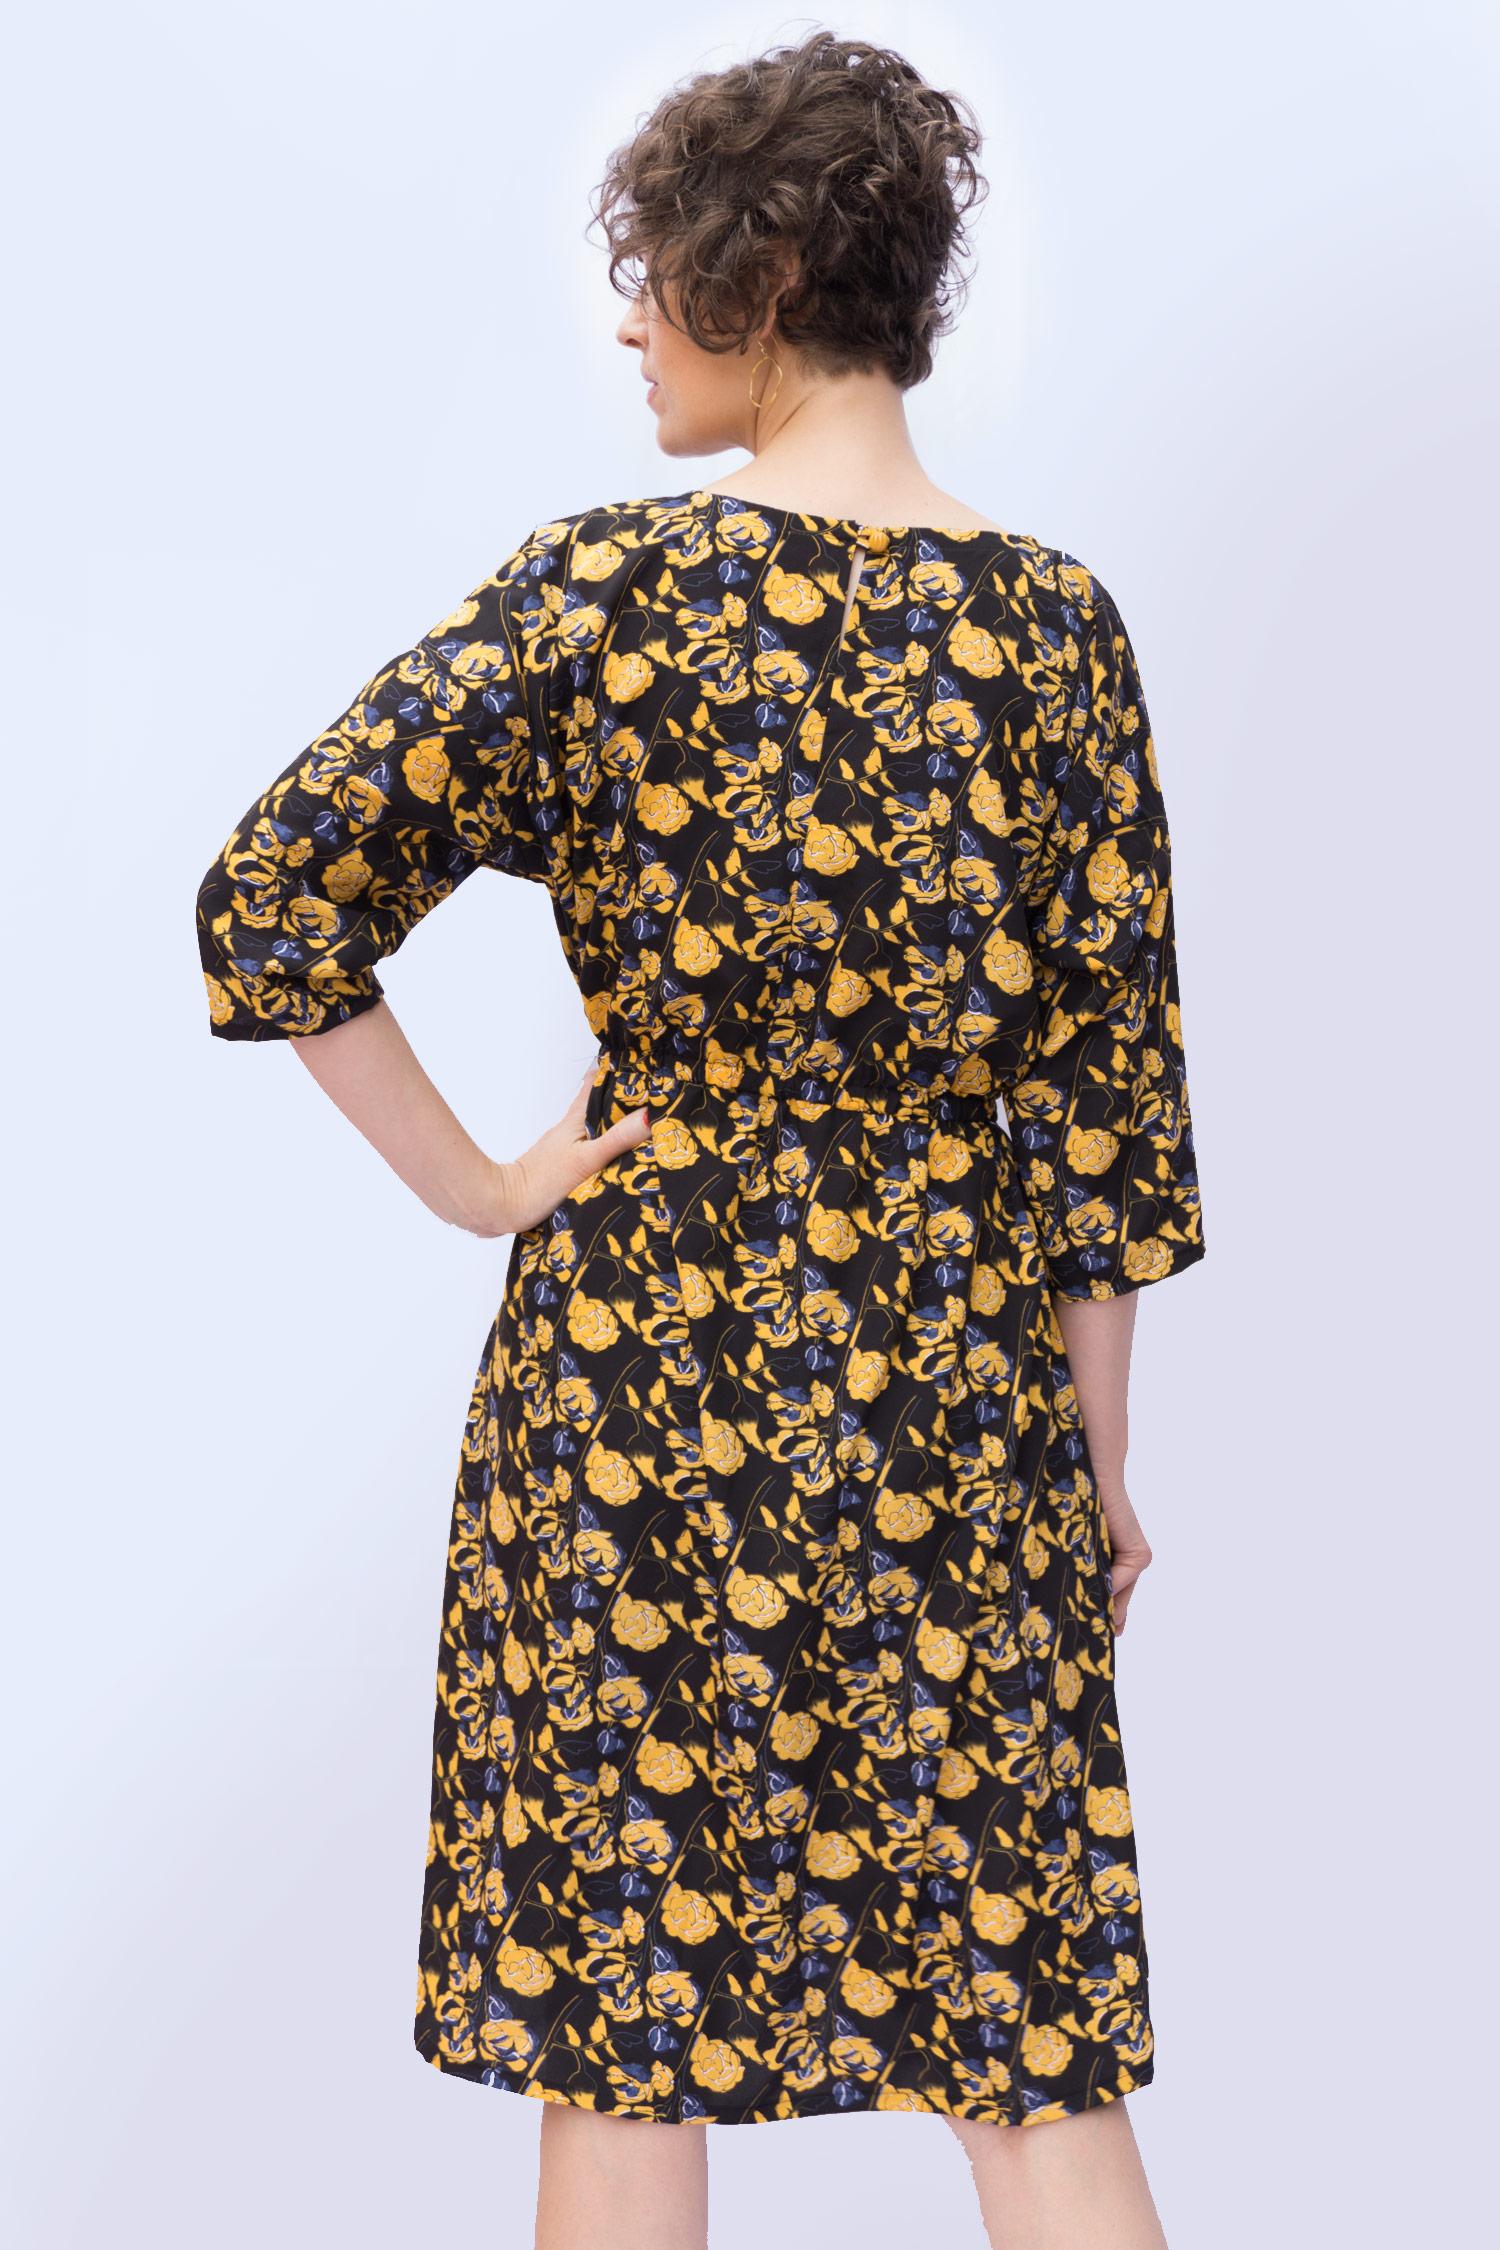 Lou Box Dress 2, View A back